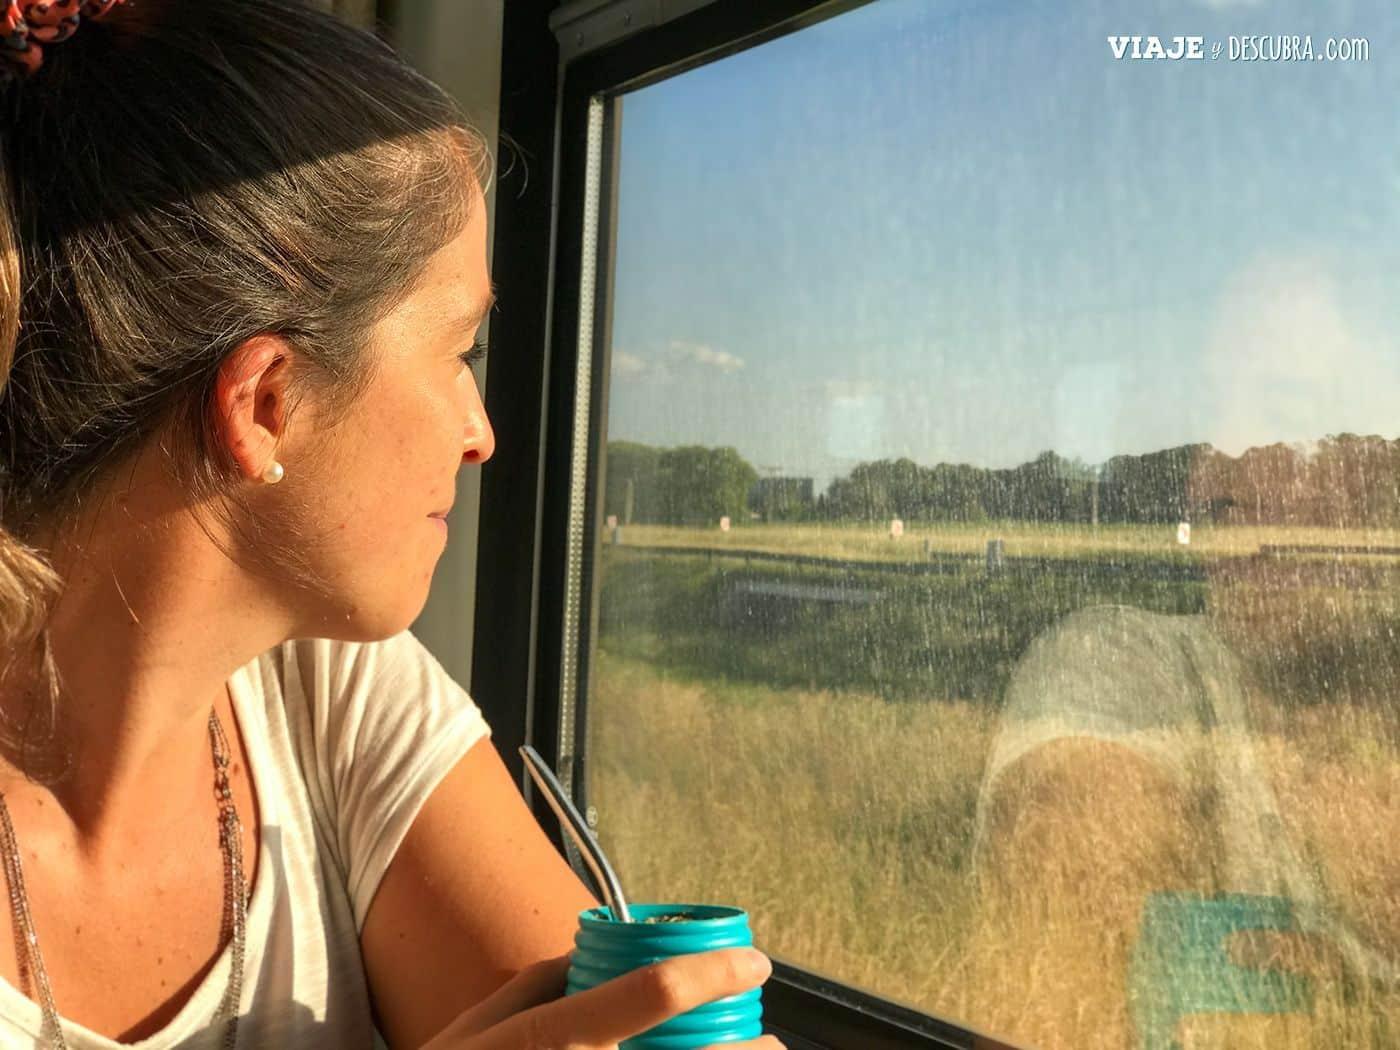 trenes-argentinos,-tren-larga-distancia-a-mar-del-plata,-ventanilla,-mates